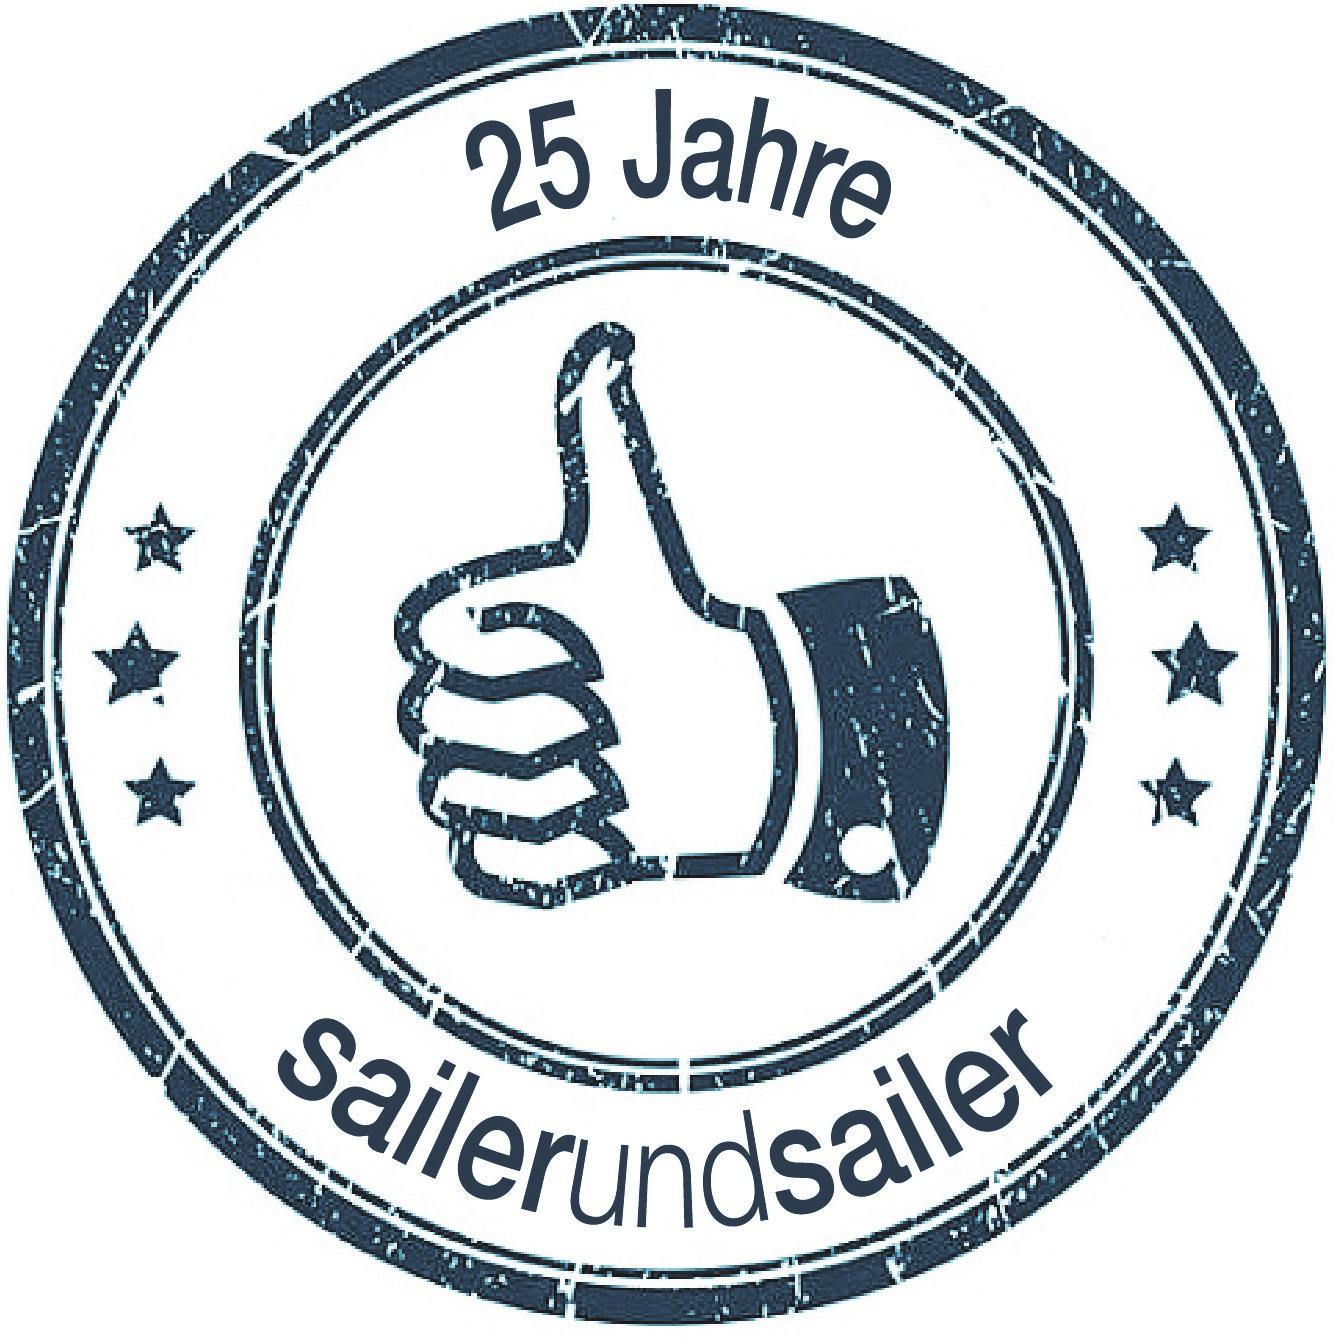 Qualitätsiegel sailerundsailer